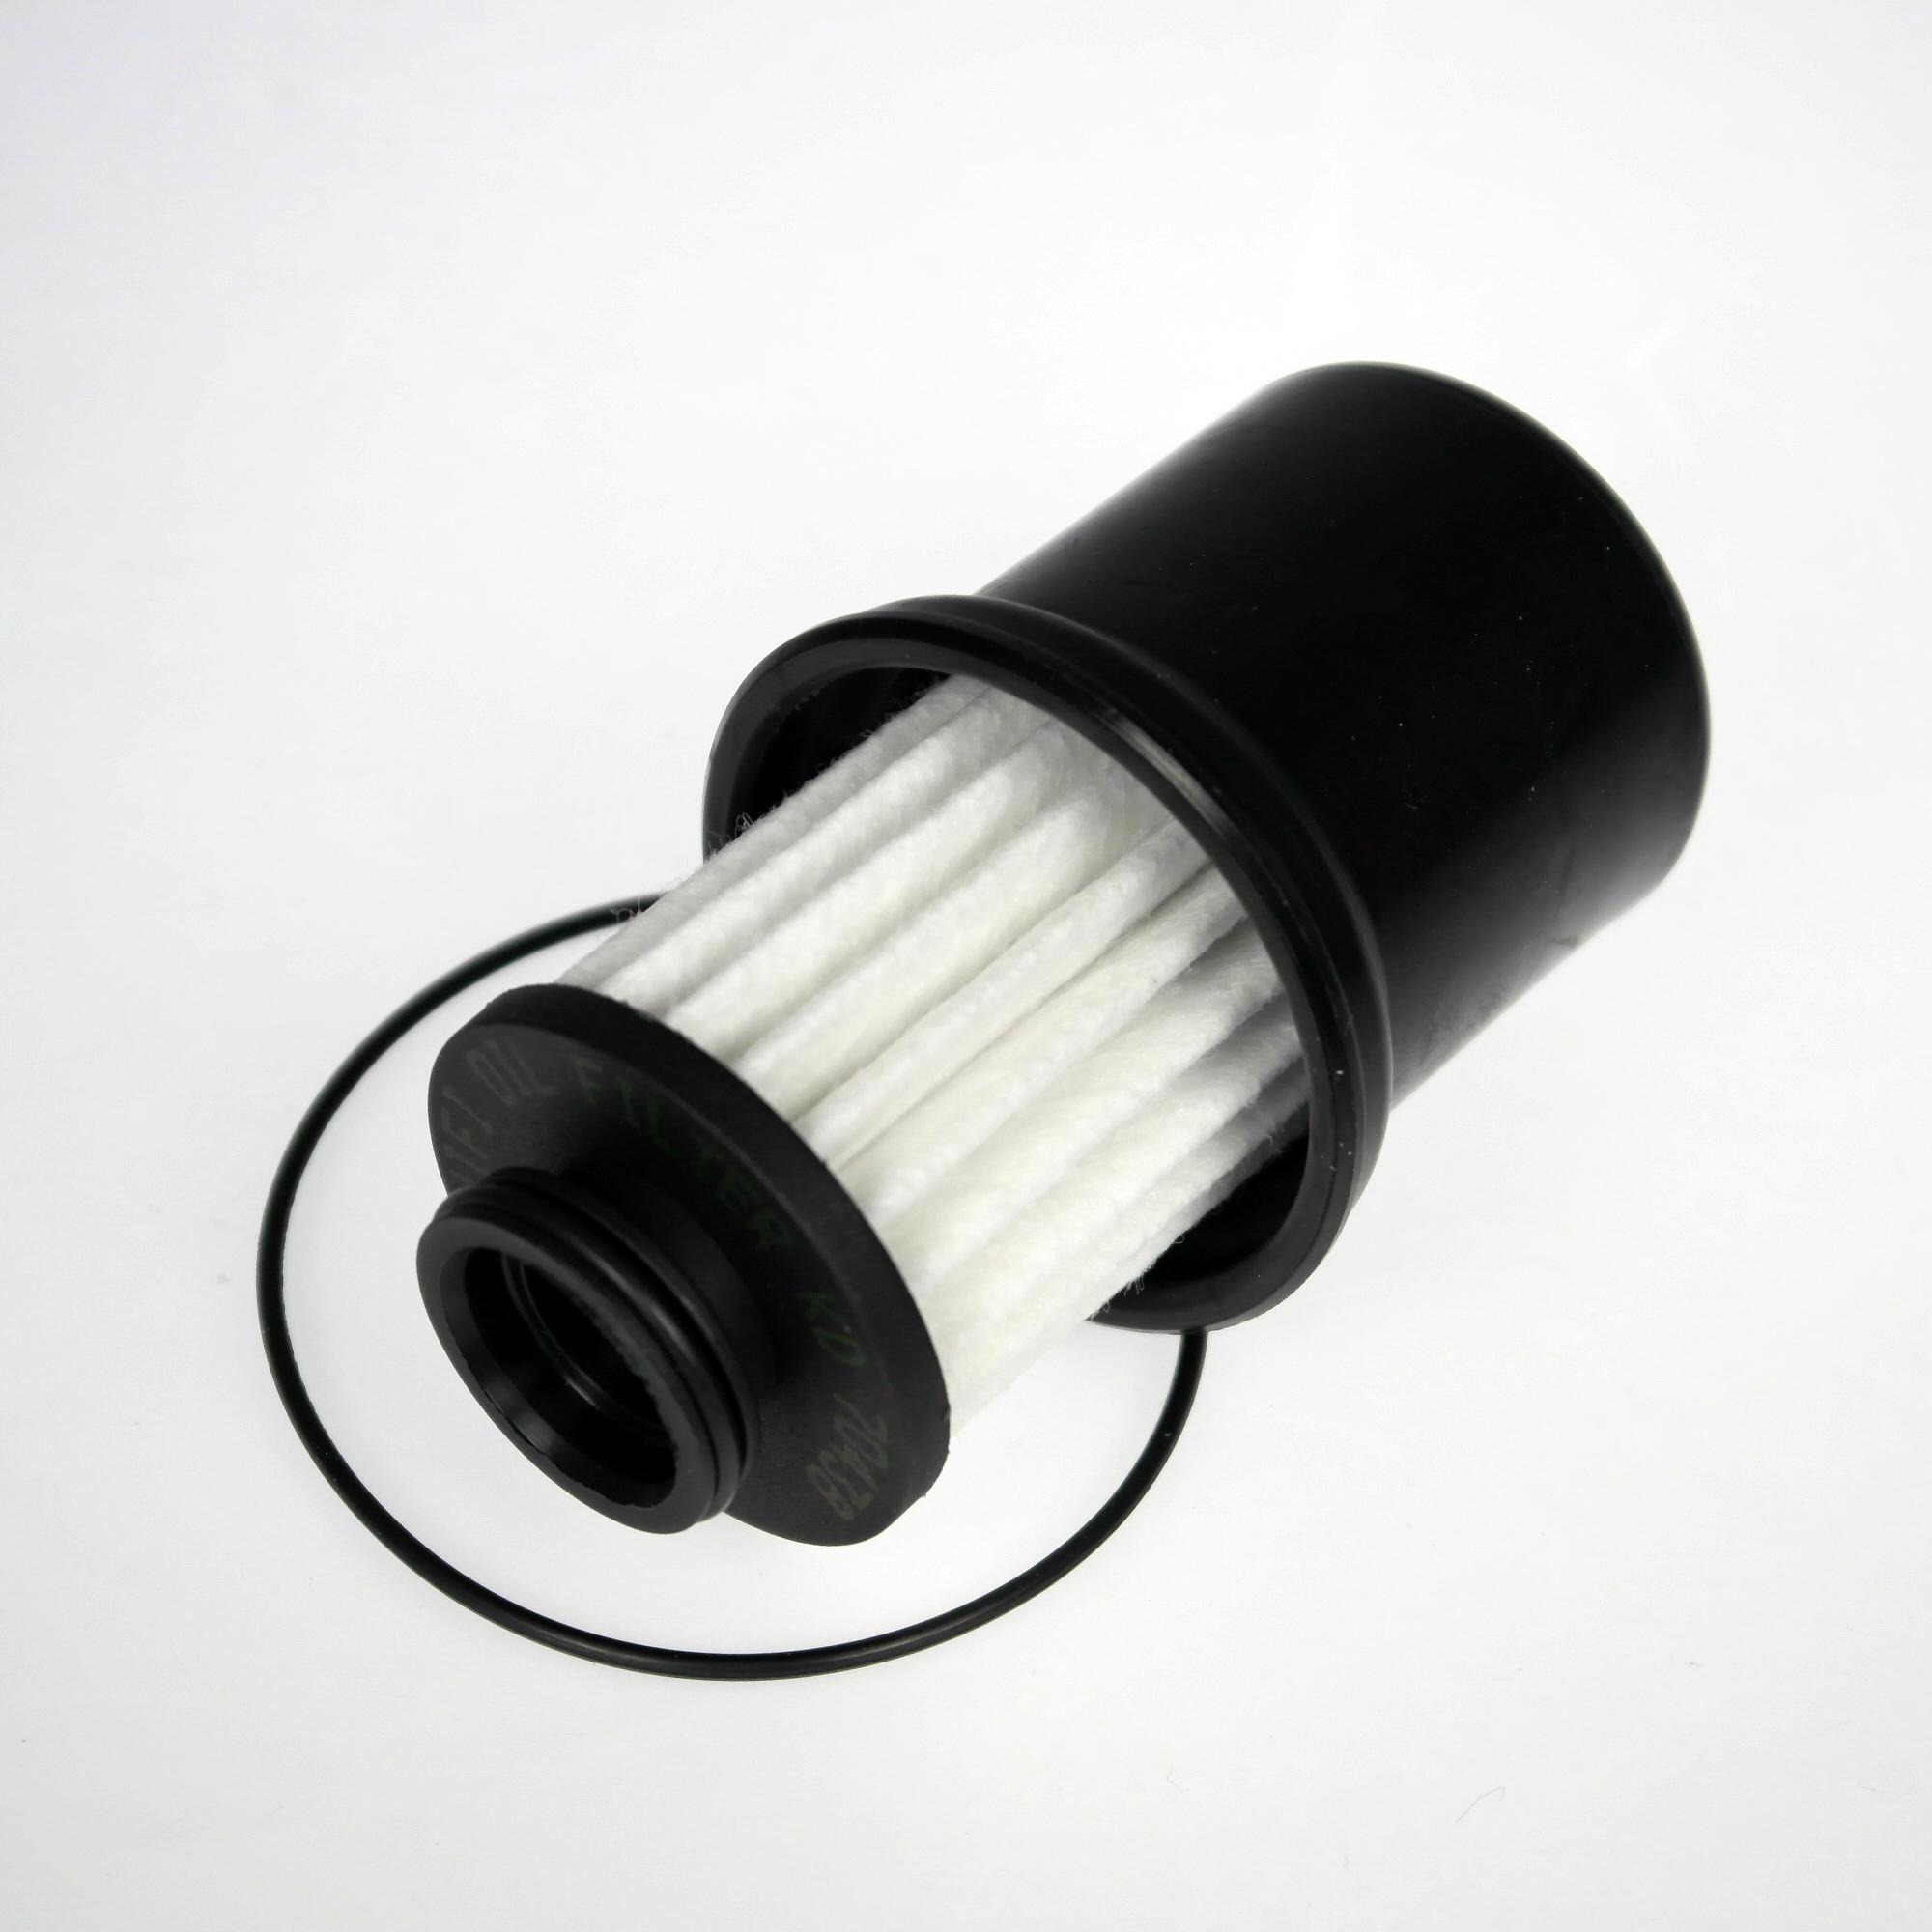 Filter element kit for AdBlue, item number 59808-KIT